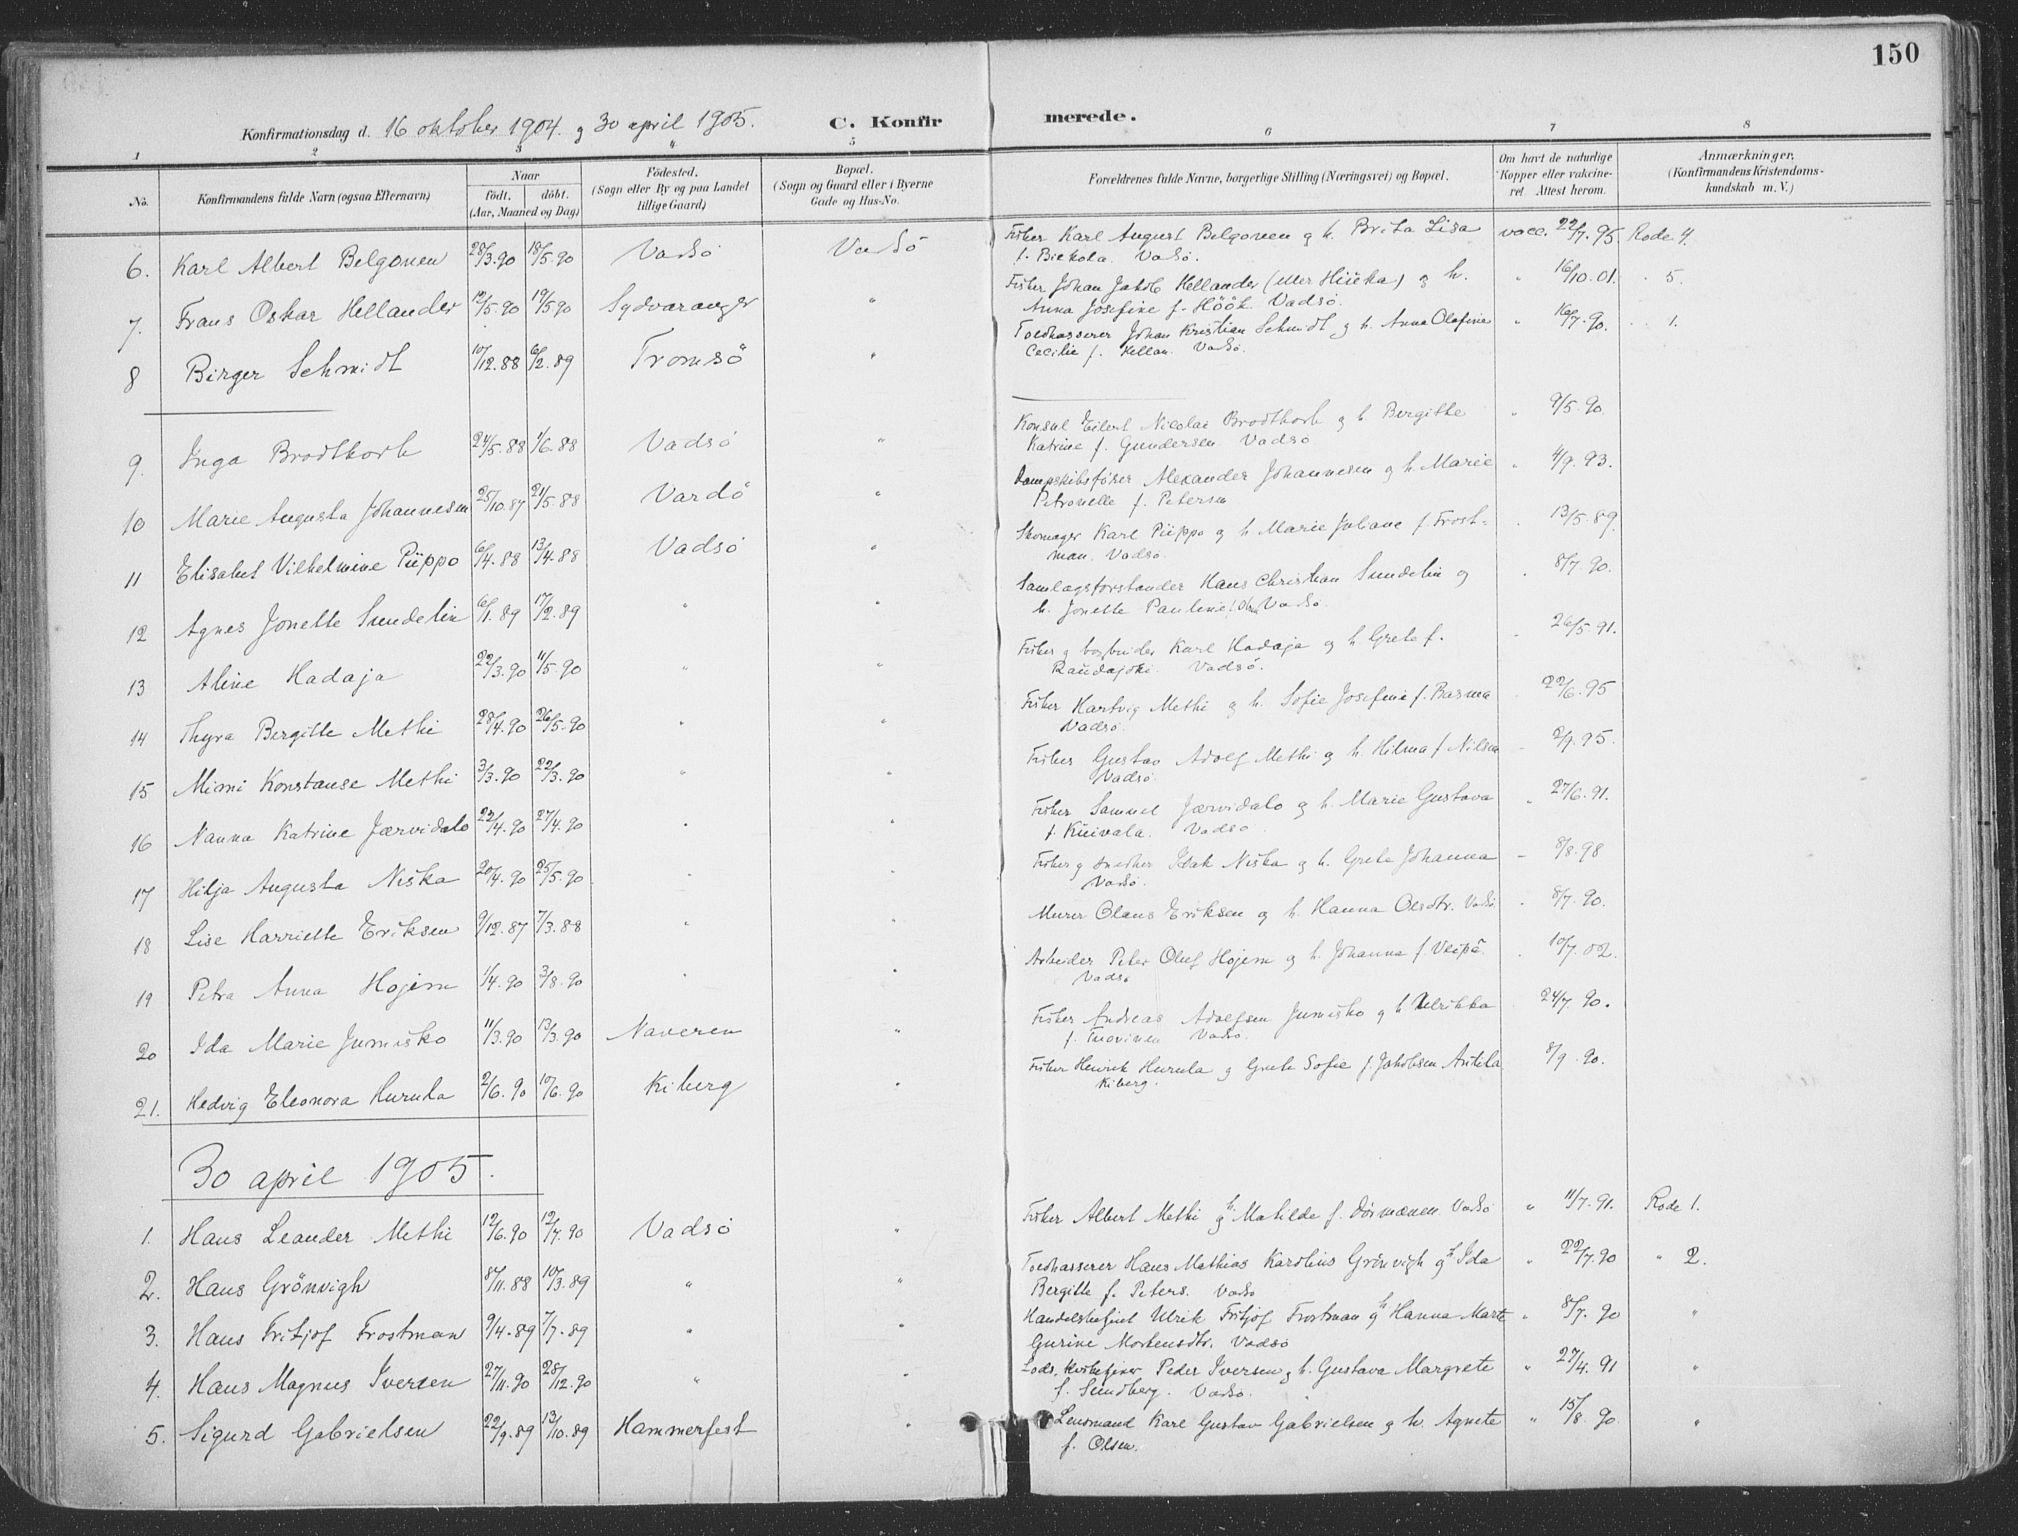 SATØ, Vadsø sokneprestkontor, H/Ha/L0007kirke: Ministerialbok nr. 7, 1896-1916, s. 150